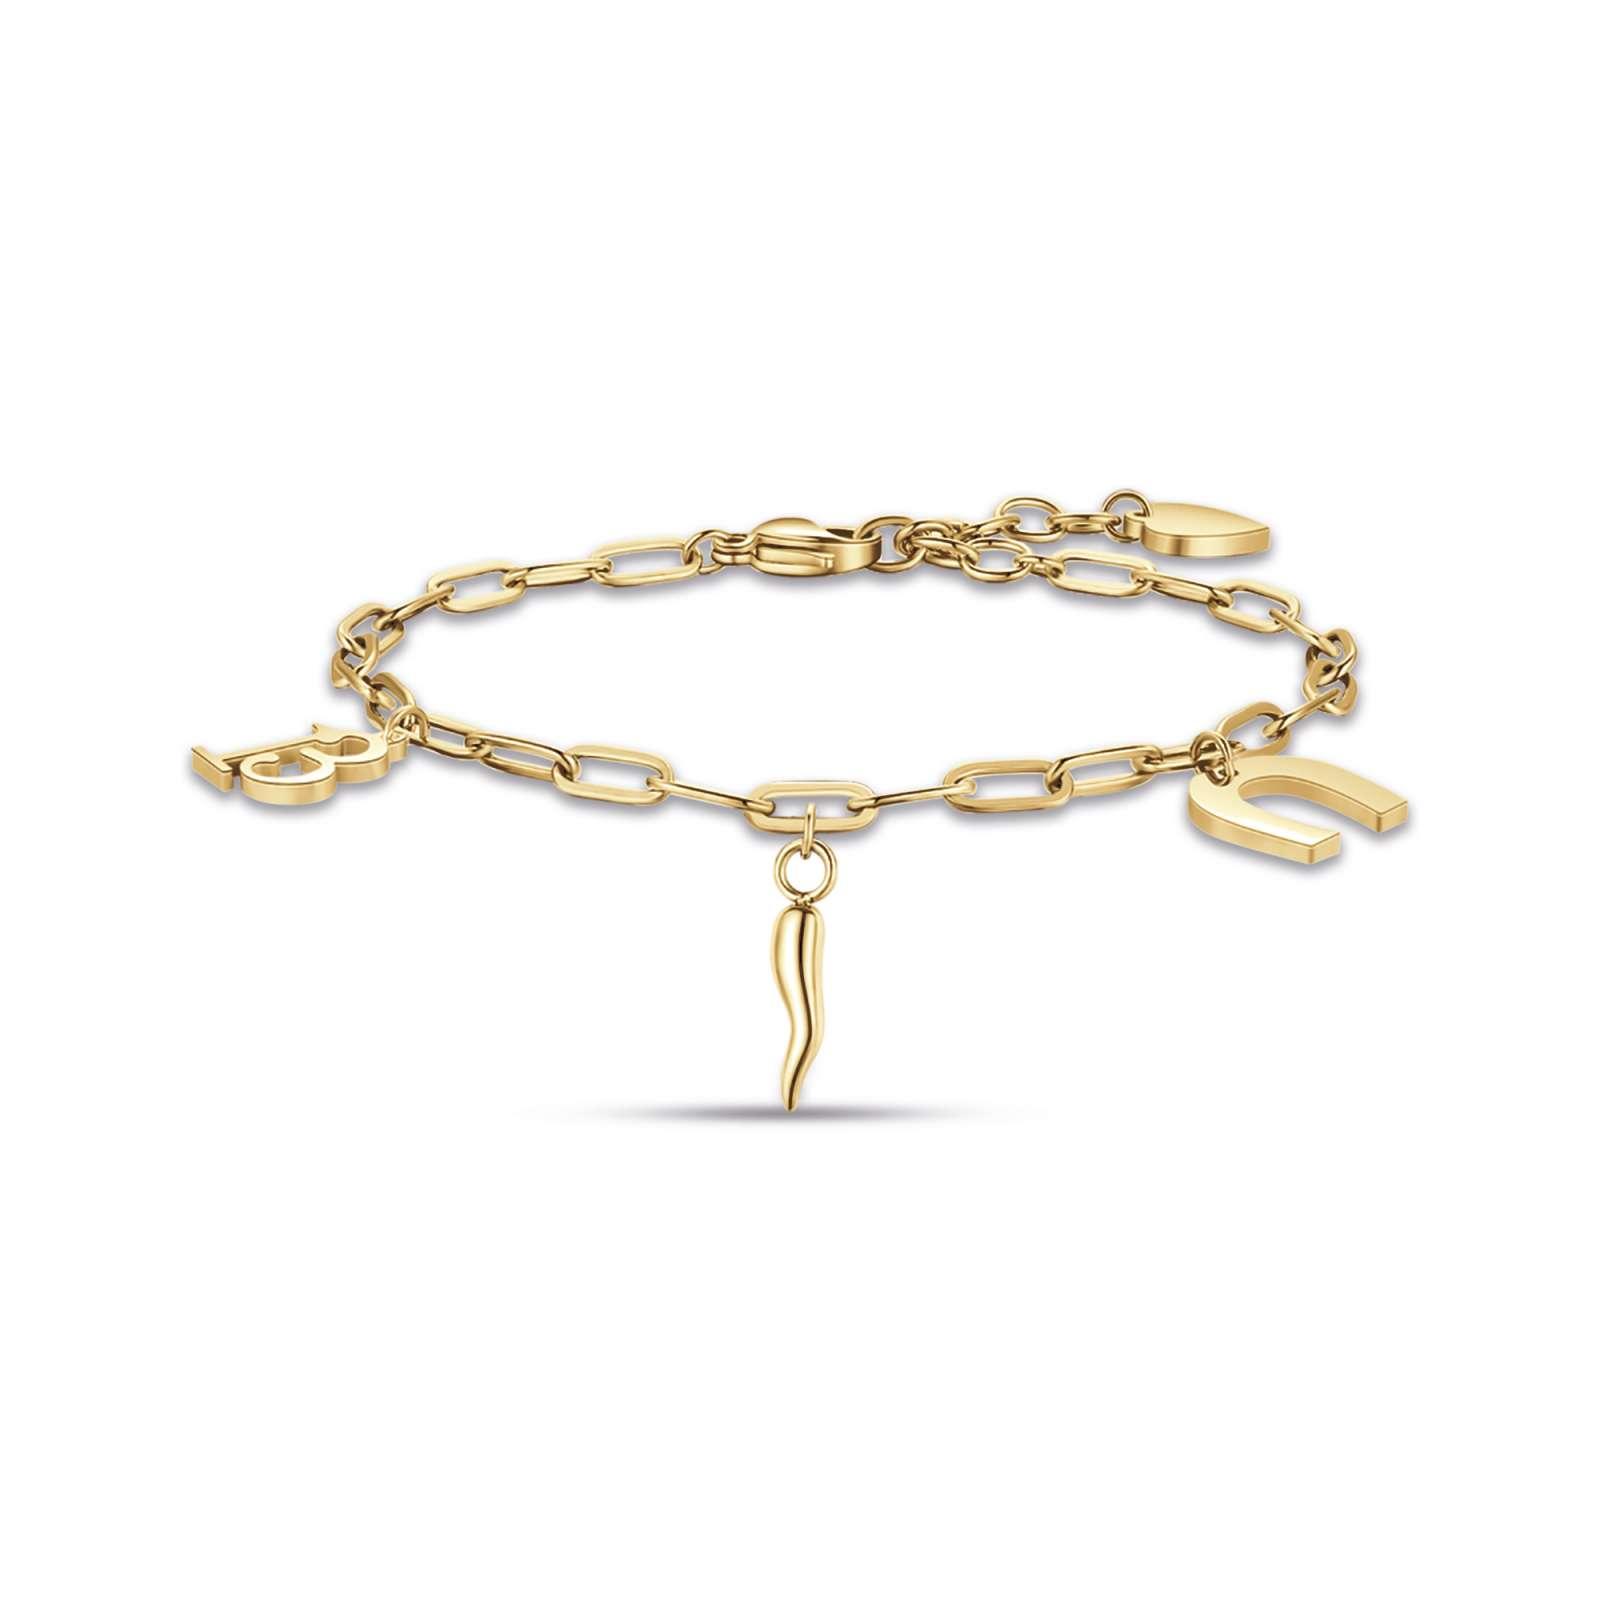 Luca Barra - Bracciale in acciaio ip gold con 13 ferro di cavallo e corno